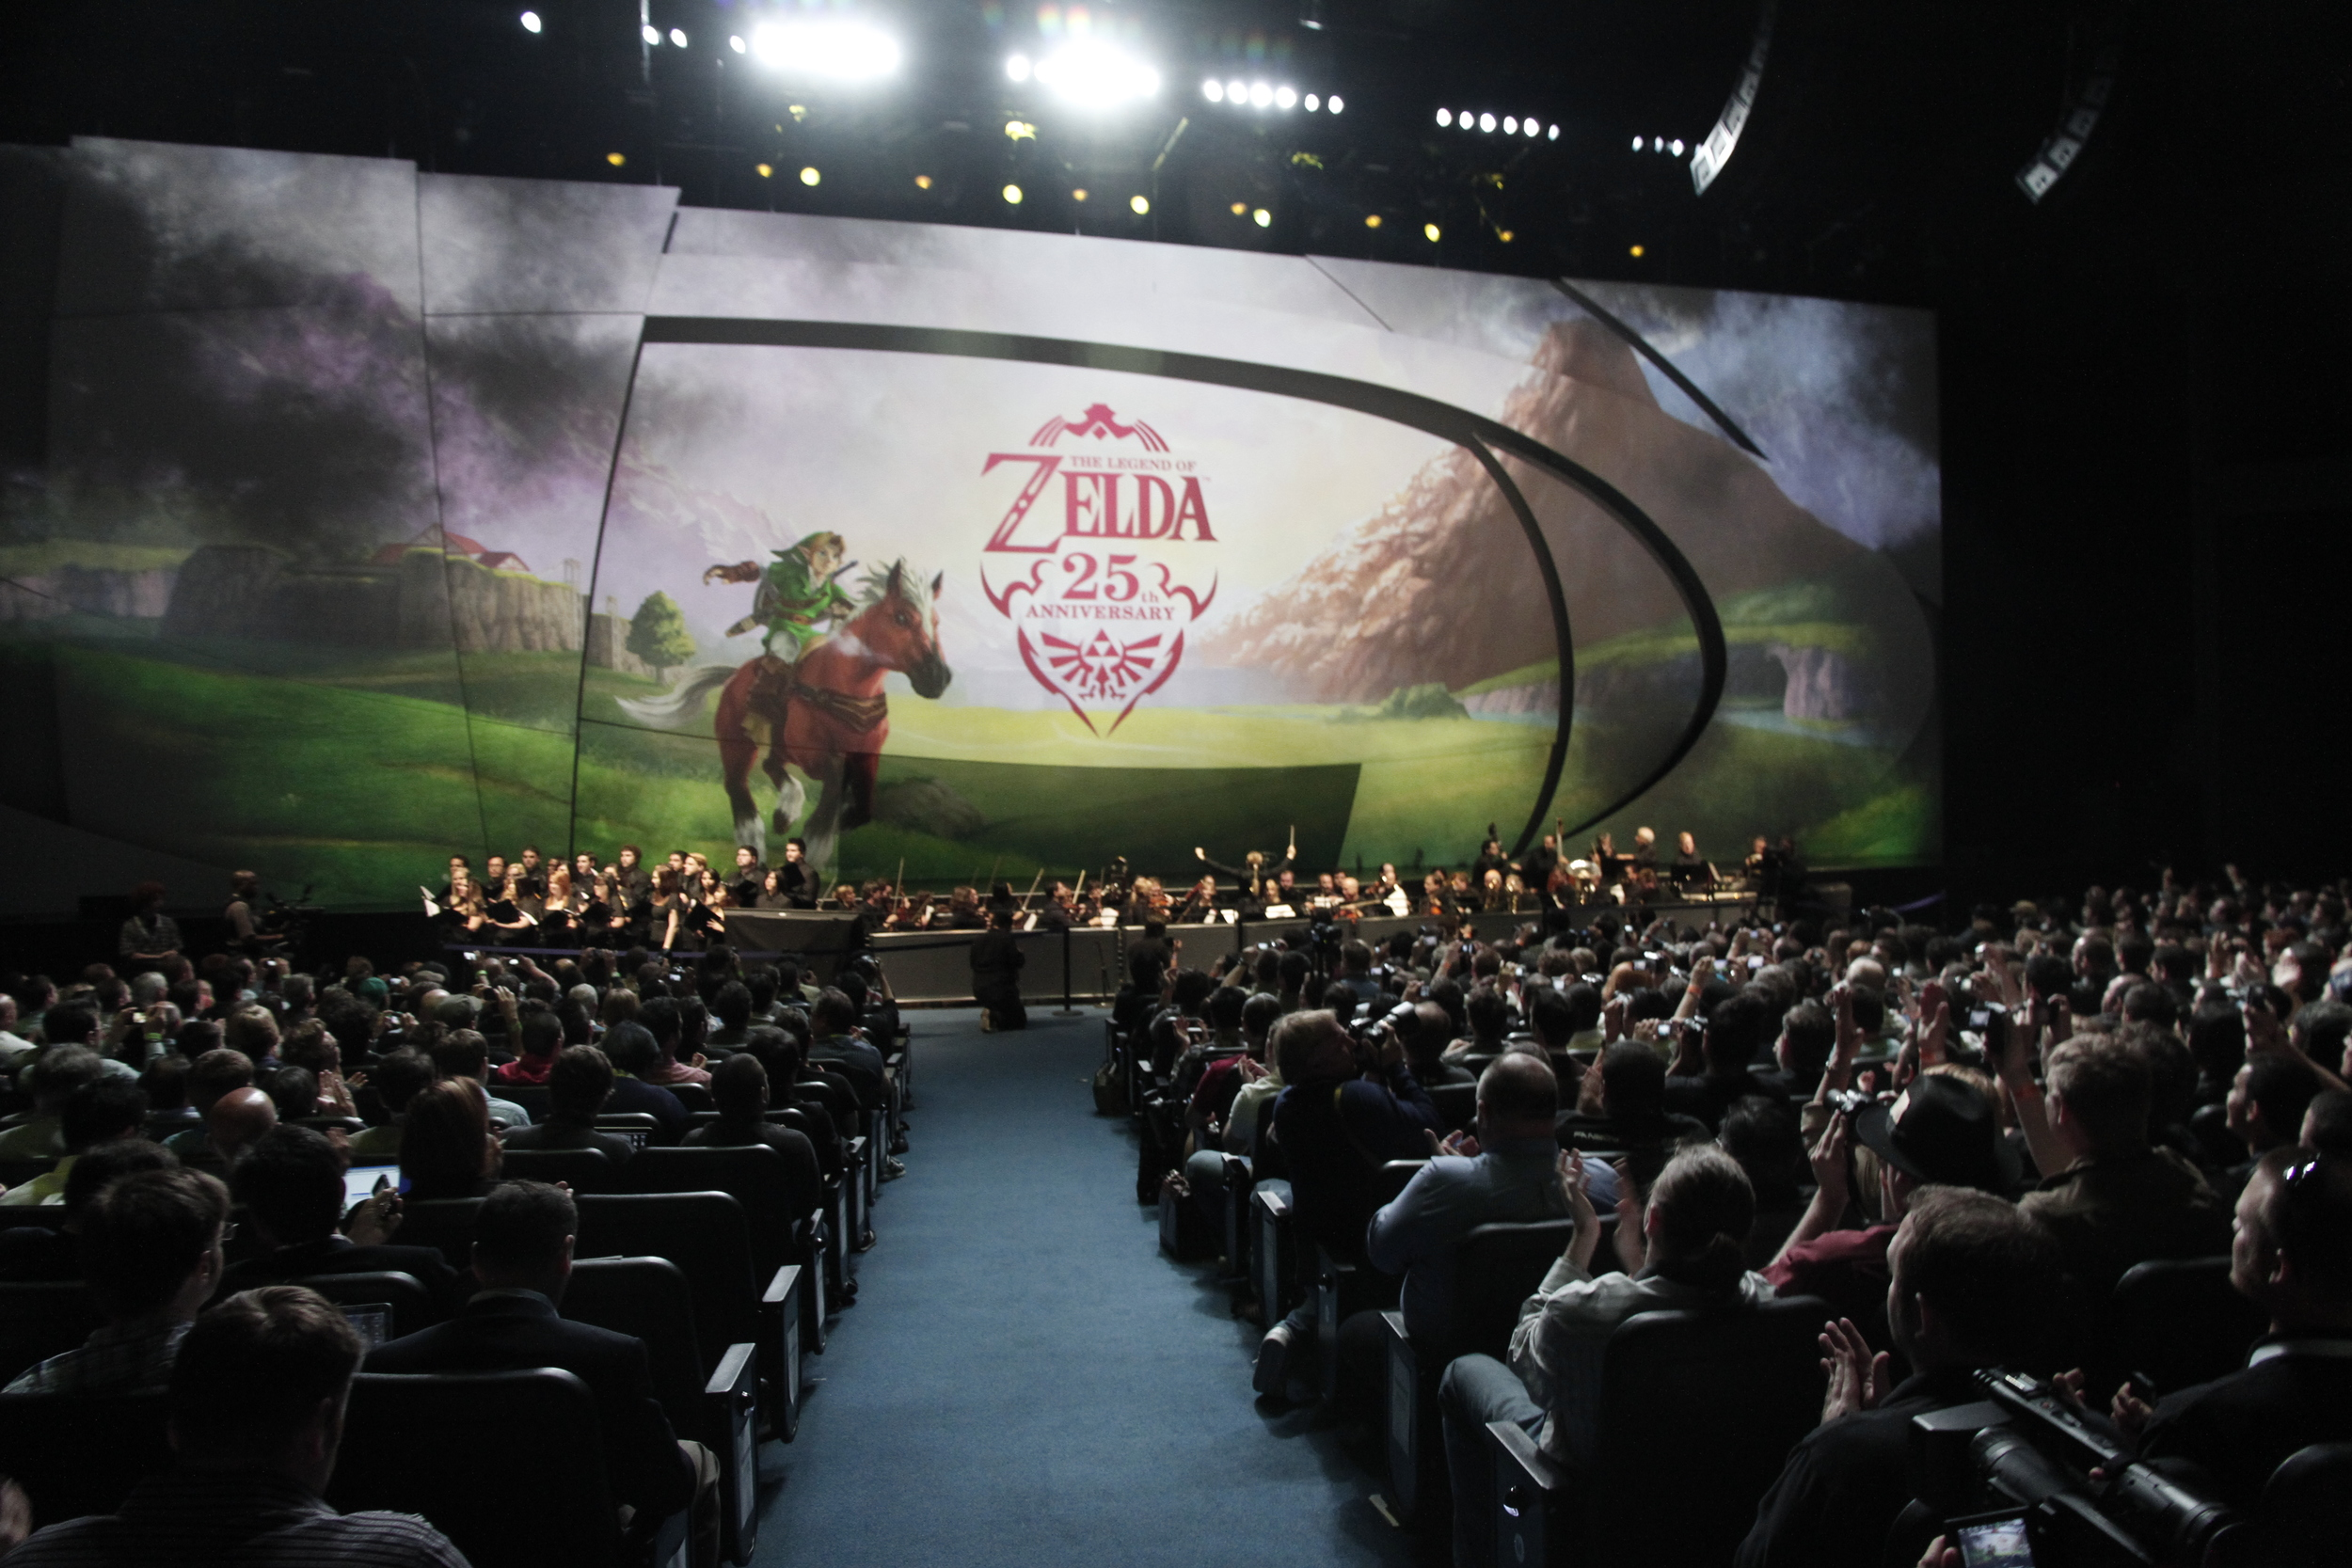 Nintendo_E3_2011_TS.JPG